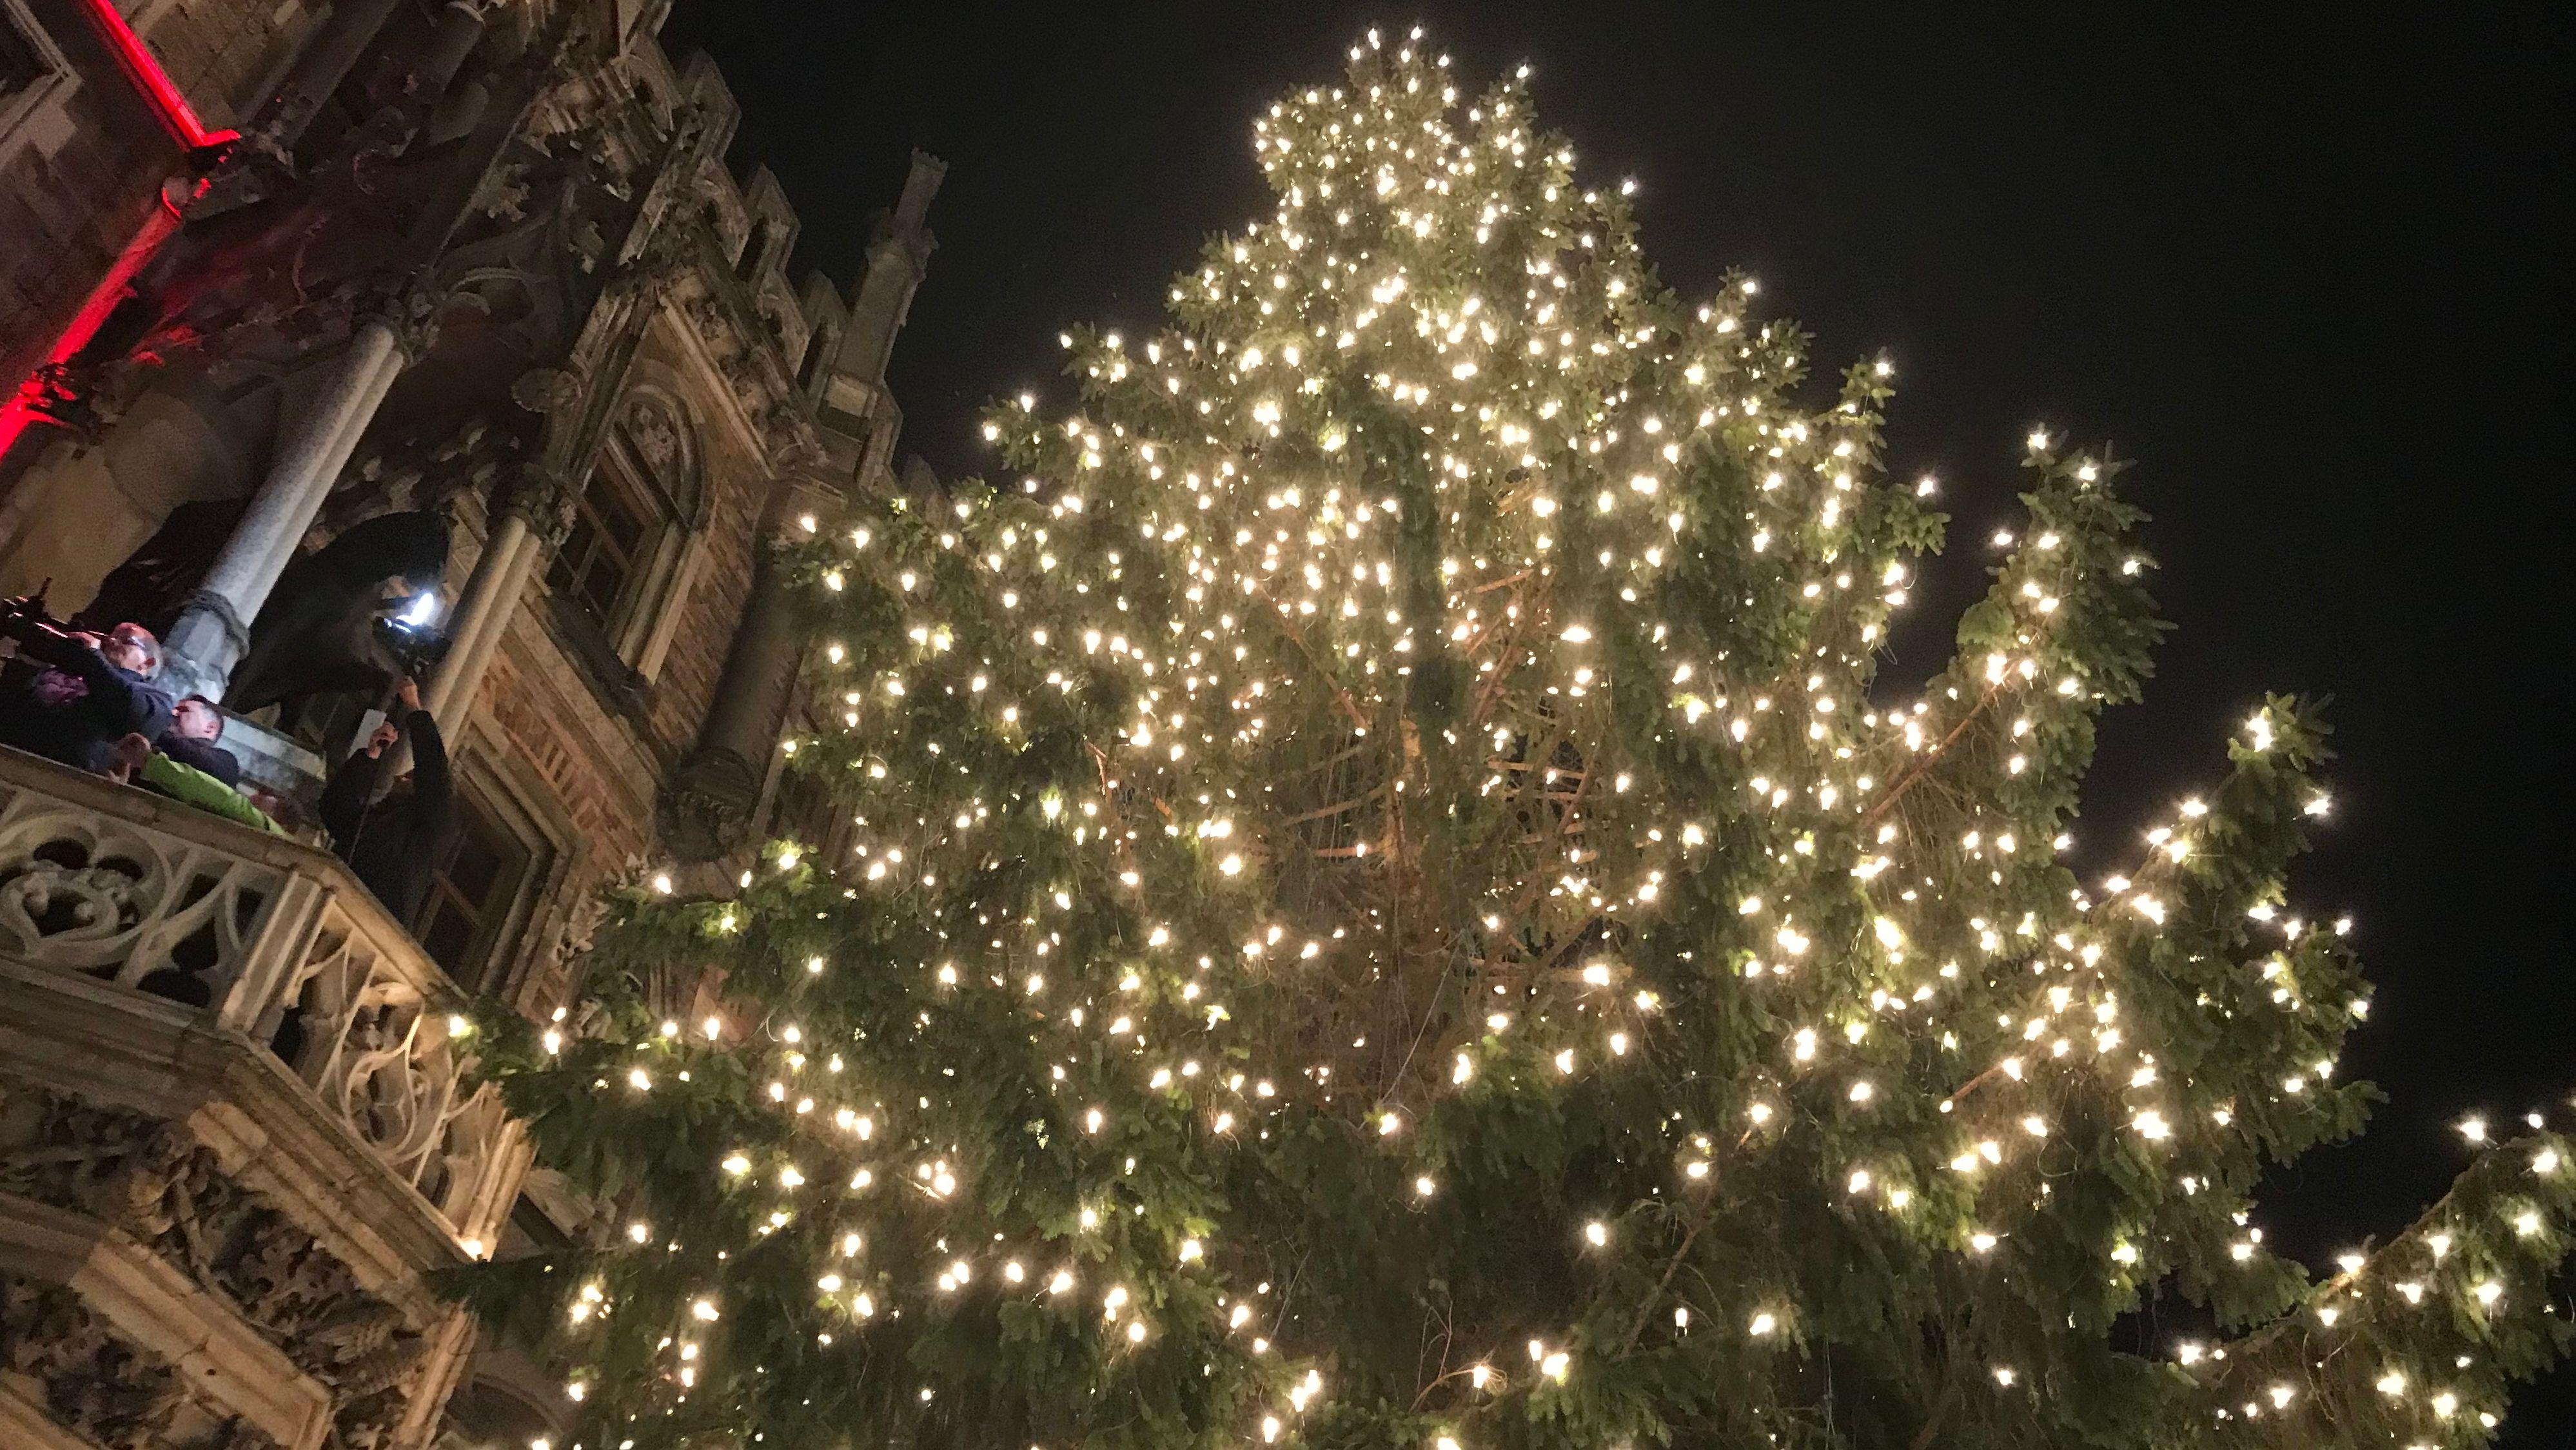 Der Christbaum am Münchner Christkindlmarkt vor dem Rathaus erstrahlt in vollem Glanz. Der Baum stammt aus dem Landkreis Freyung-Grafenau